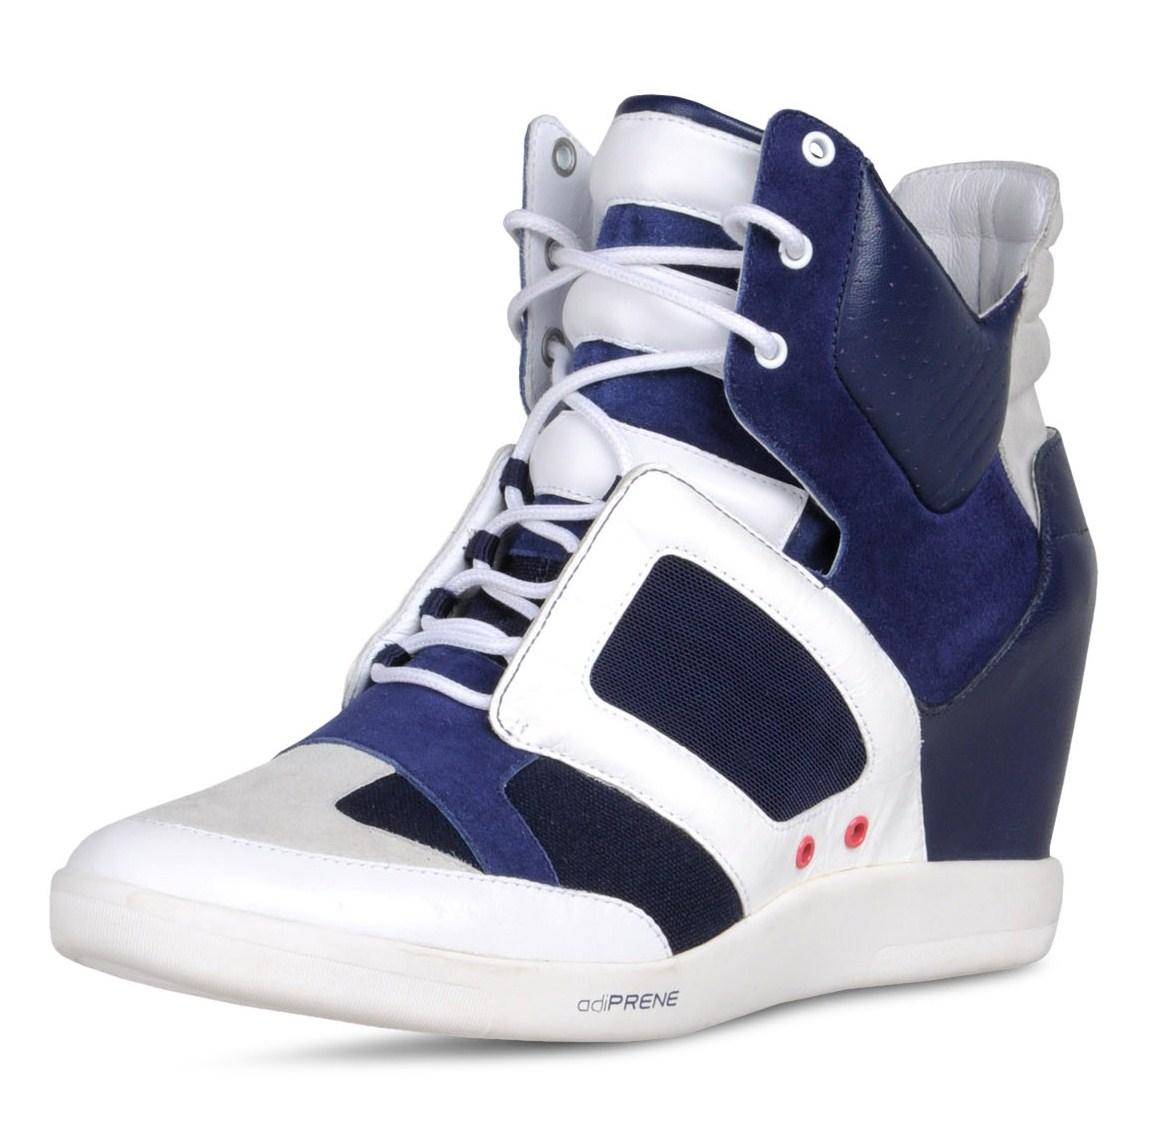 Après Nike, Adidas se met aux baskets compensées ! par